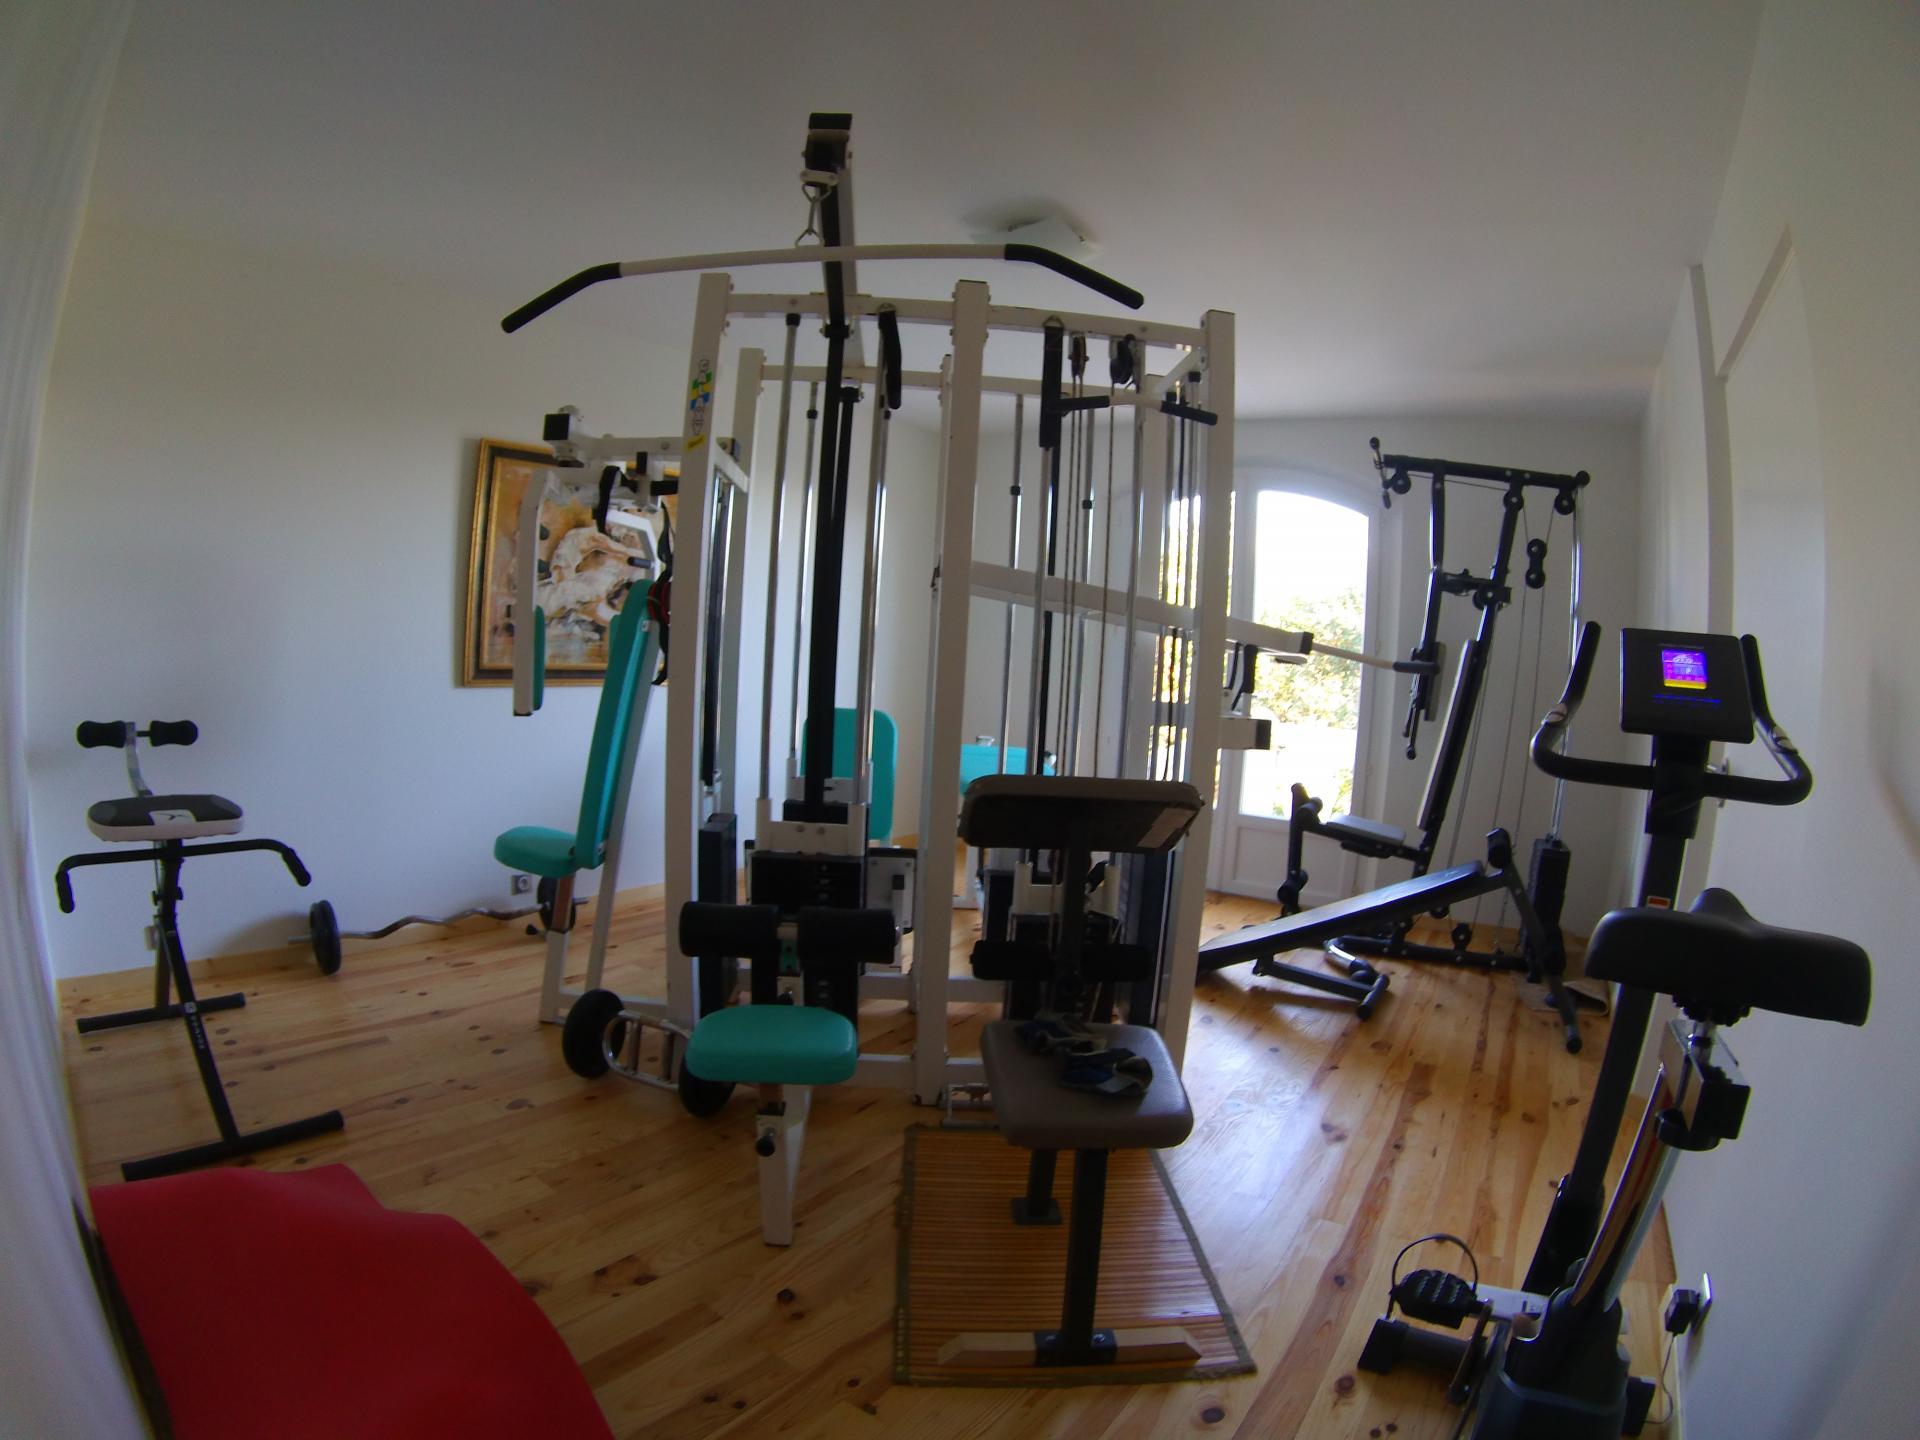 salle de sport: appareil 6 faces, vélo training, tapis